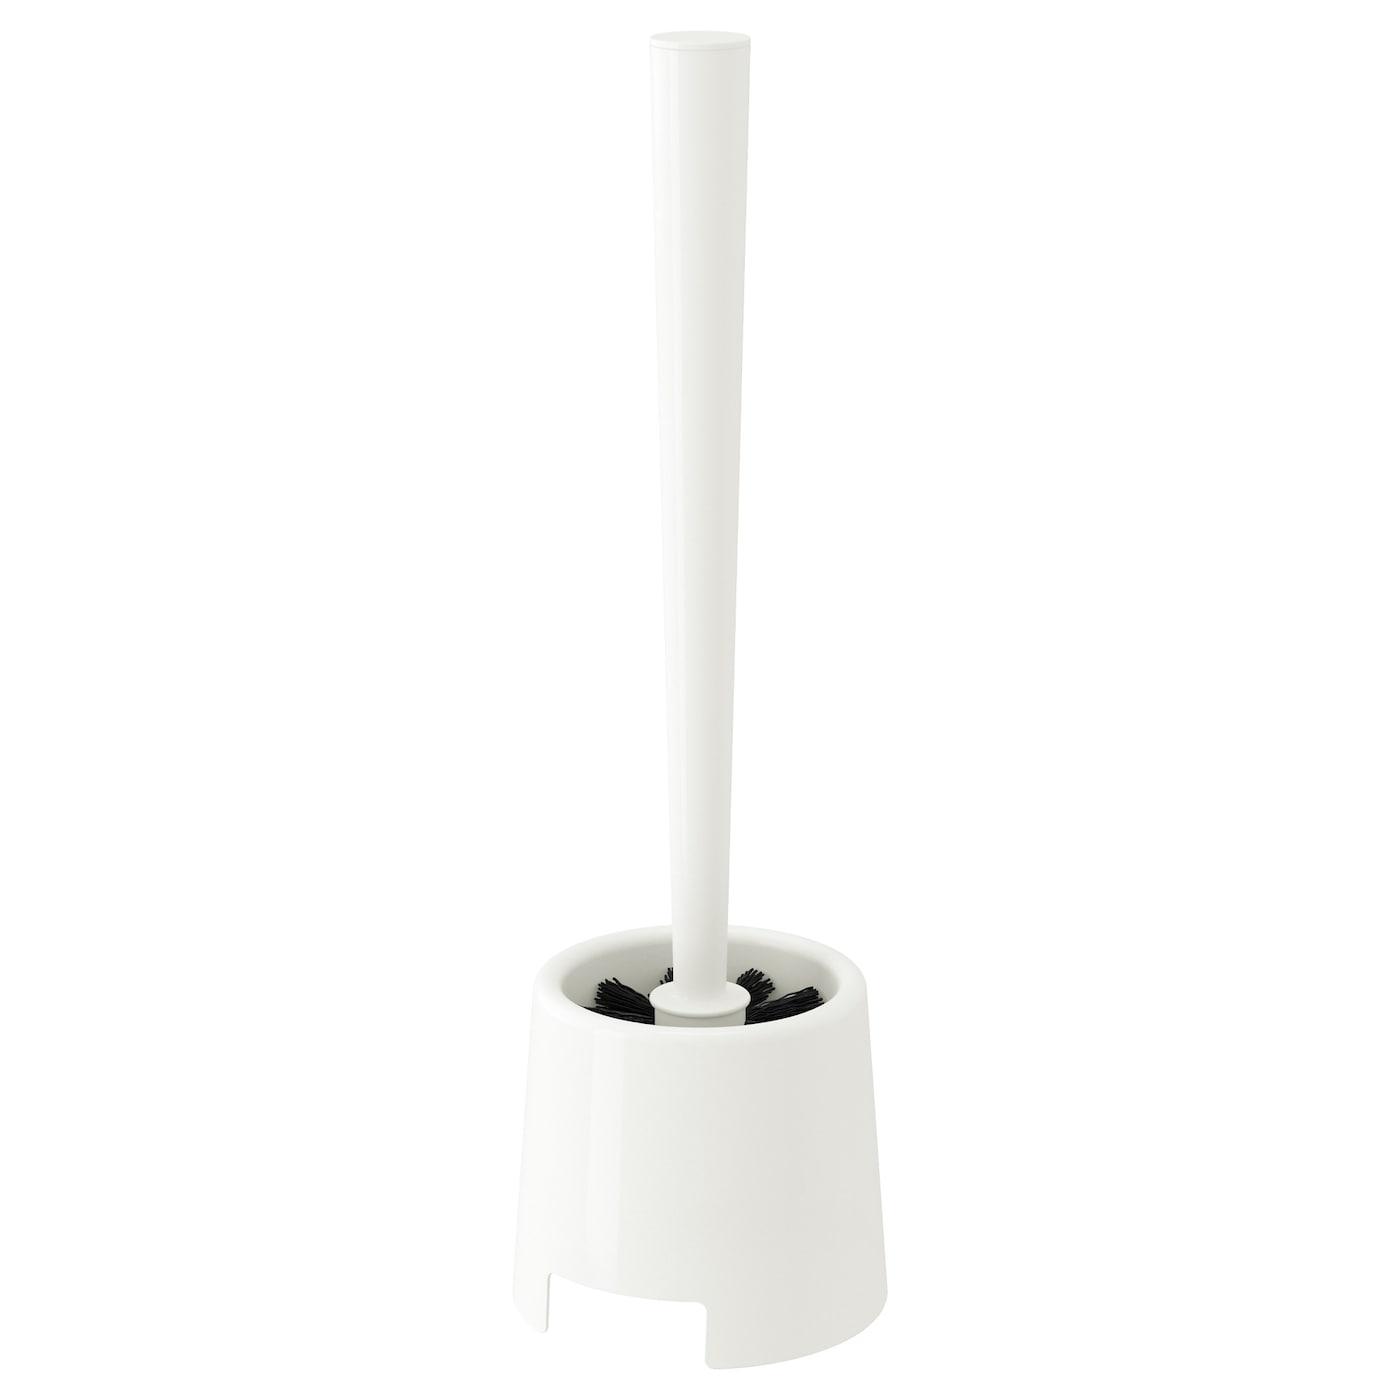 Ikea Hejaren Replacement Toilet Brush Head.